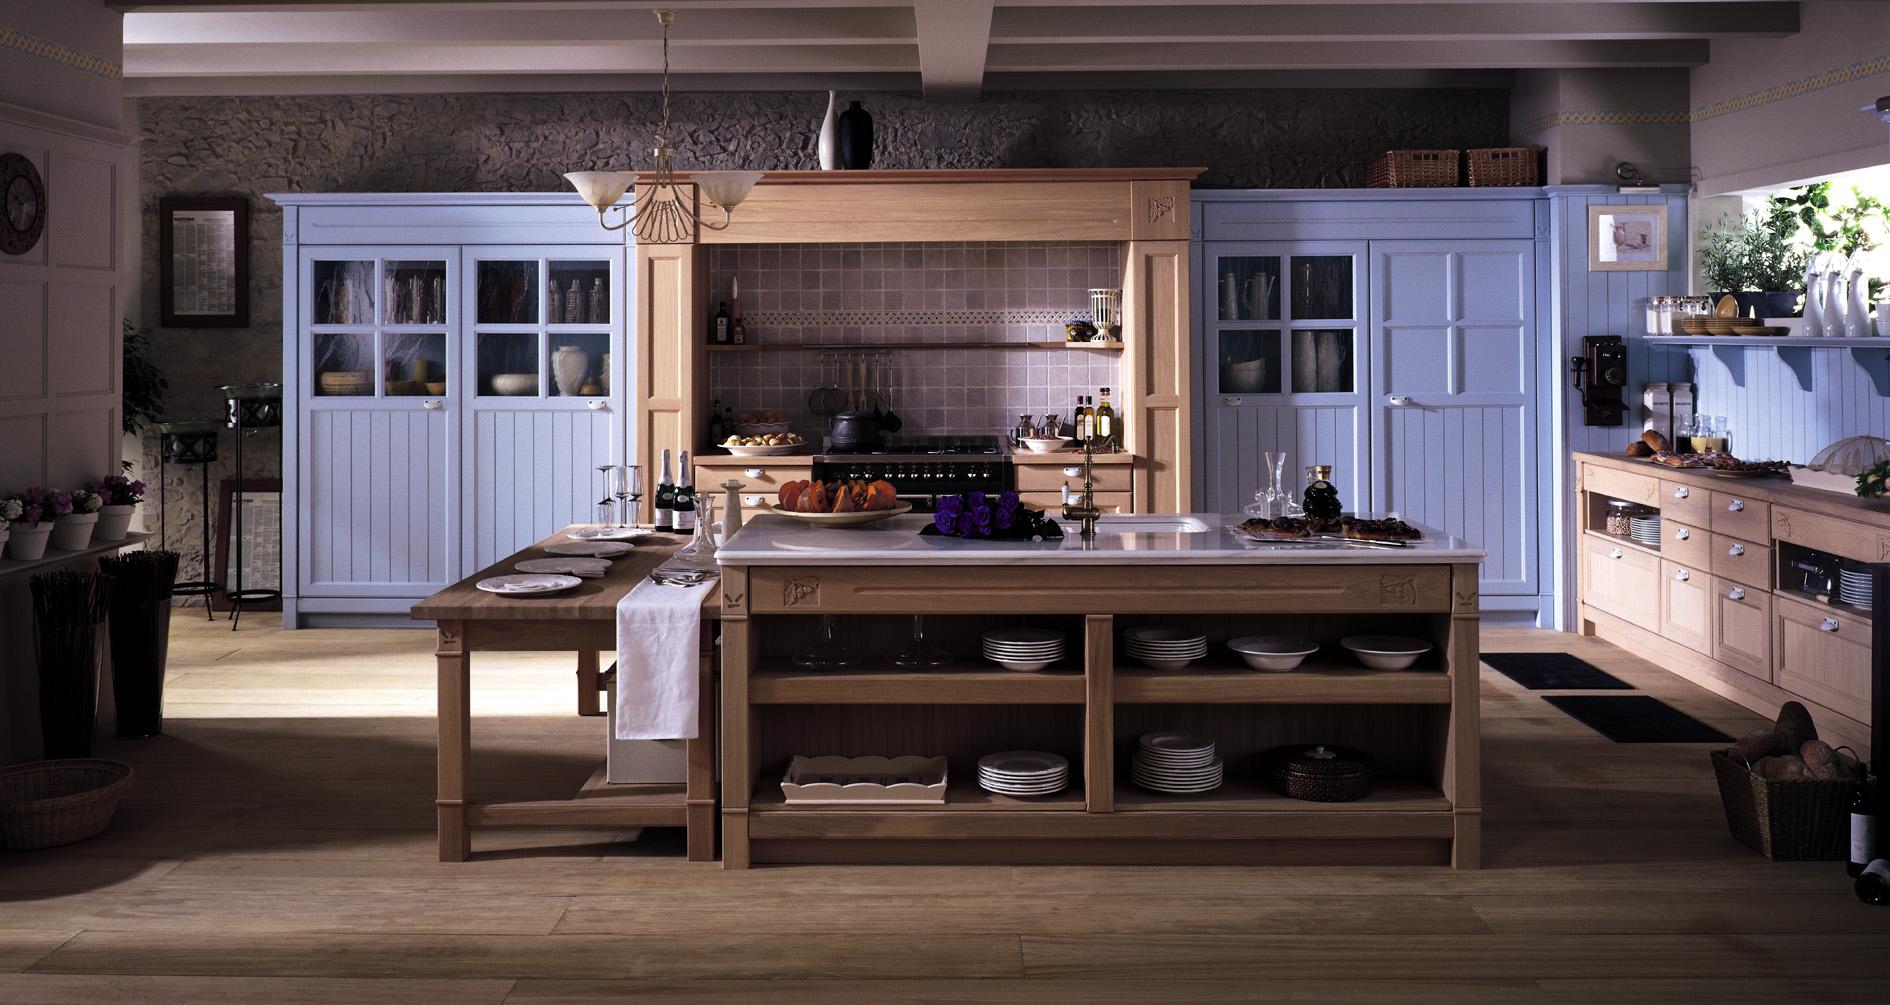 Muebles de cocina gunni trentino - Muebles de cocina de exposicion ...